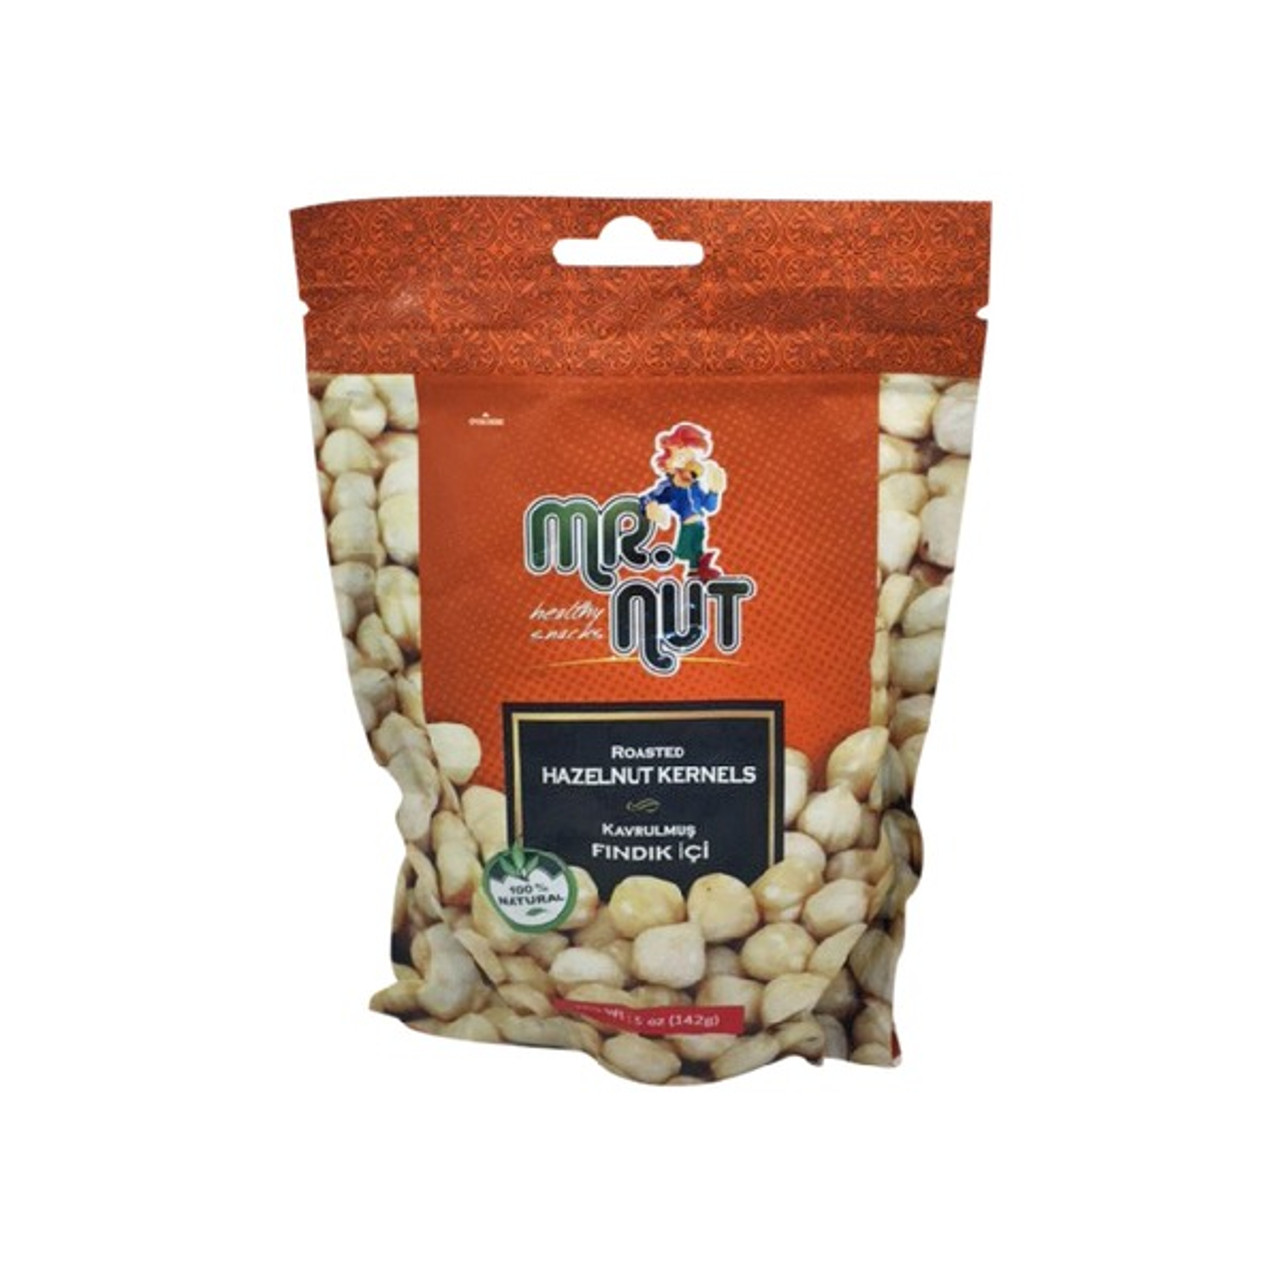 Mr. Nut Turkish Roasted Hazelnut Kernels (5 oz)